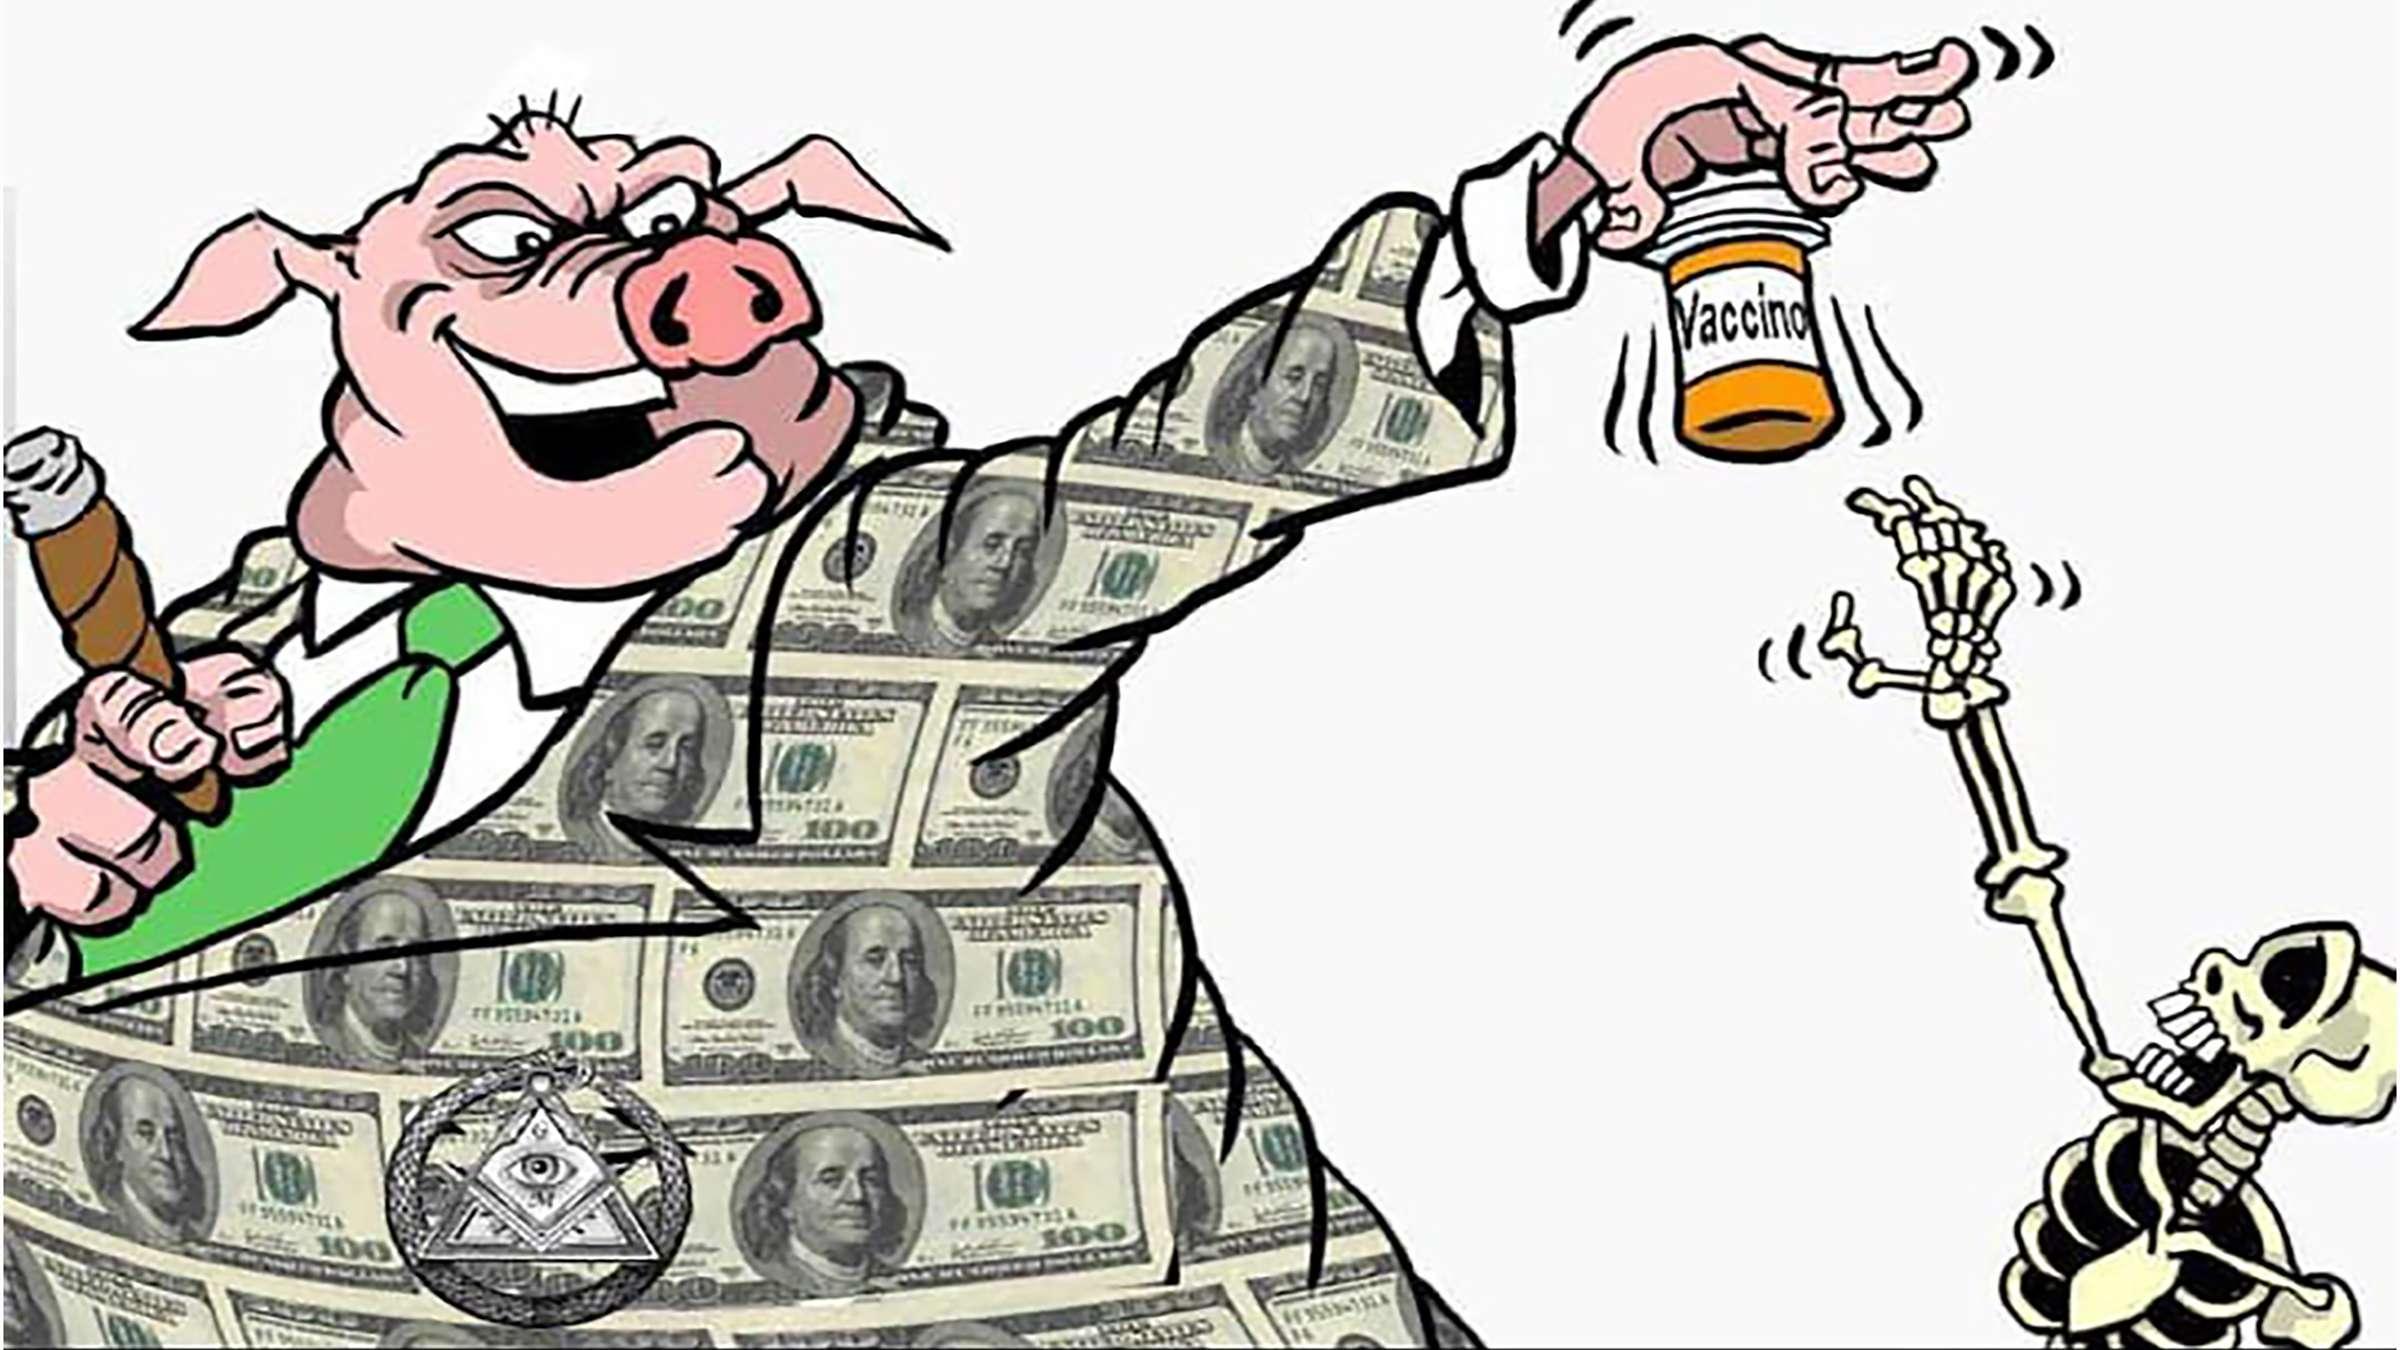 Vaccino €-$